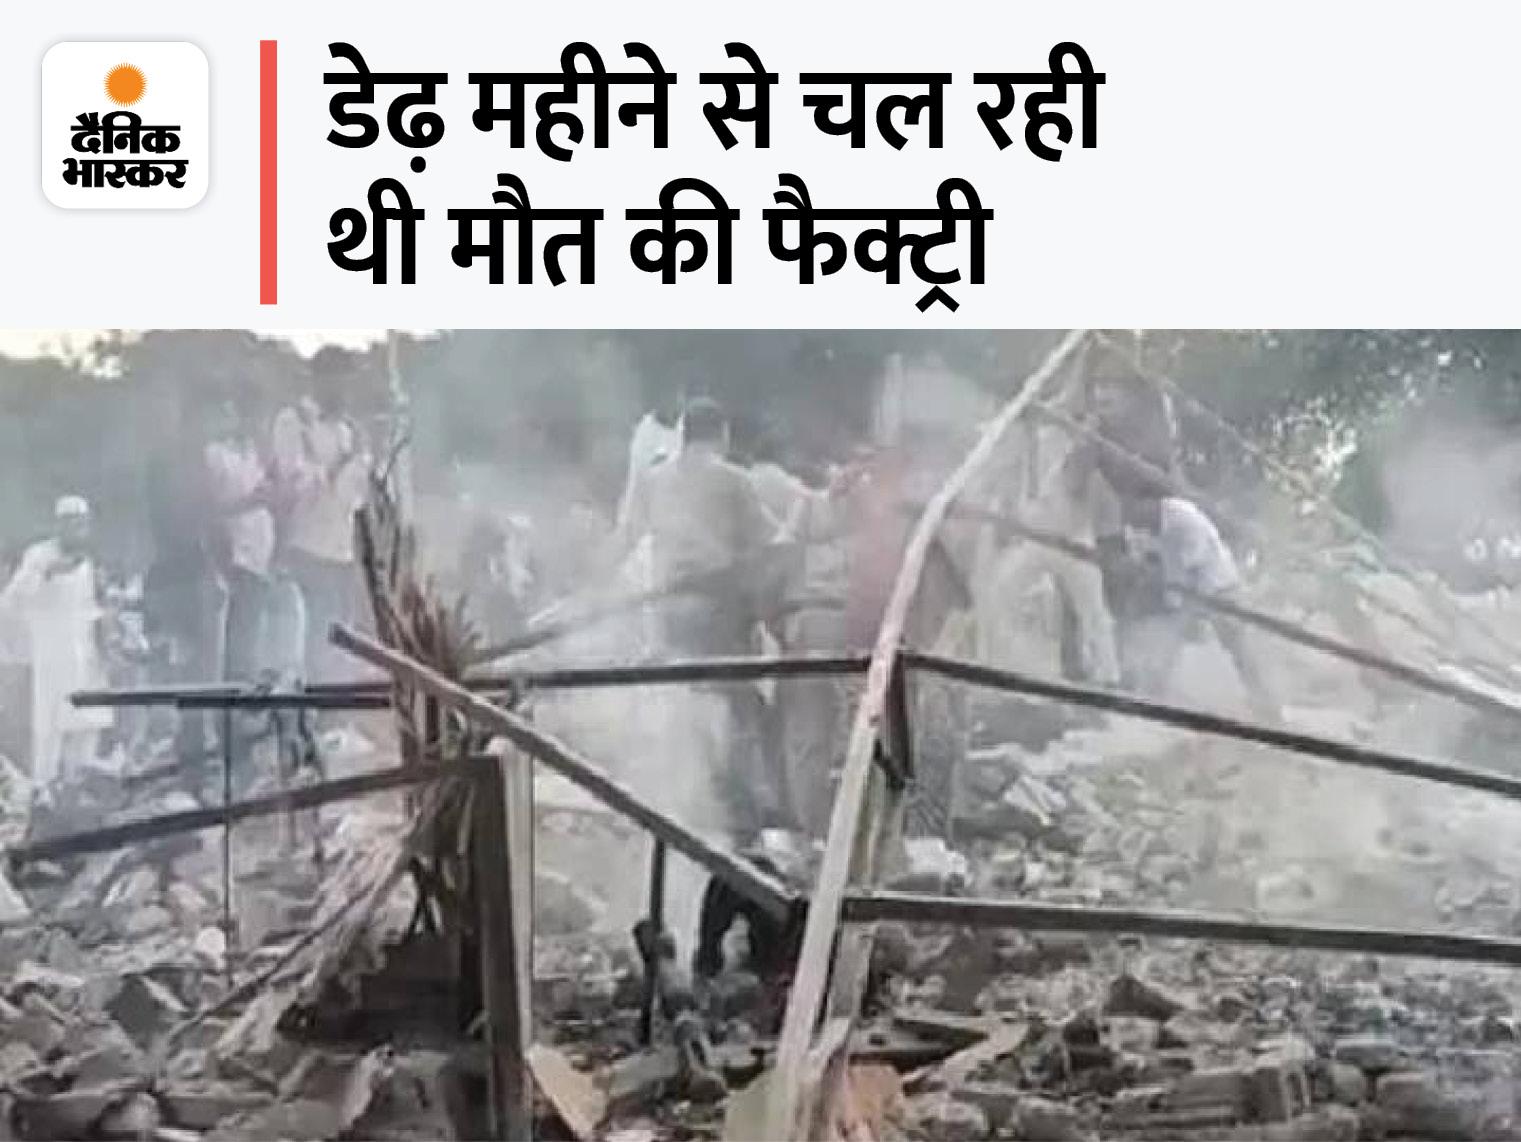 शामली में तीन सगे भाईयों समेत चार पर केस दर्ज; पुलिस की तीन टीमें बनीं, एक दिन पहले आतिशबाजी में विस्फोट से हुई थी चार की मौत शामली,Shamli - Dainik Bhaskar